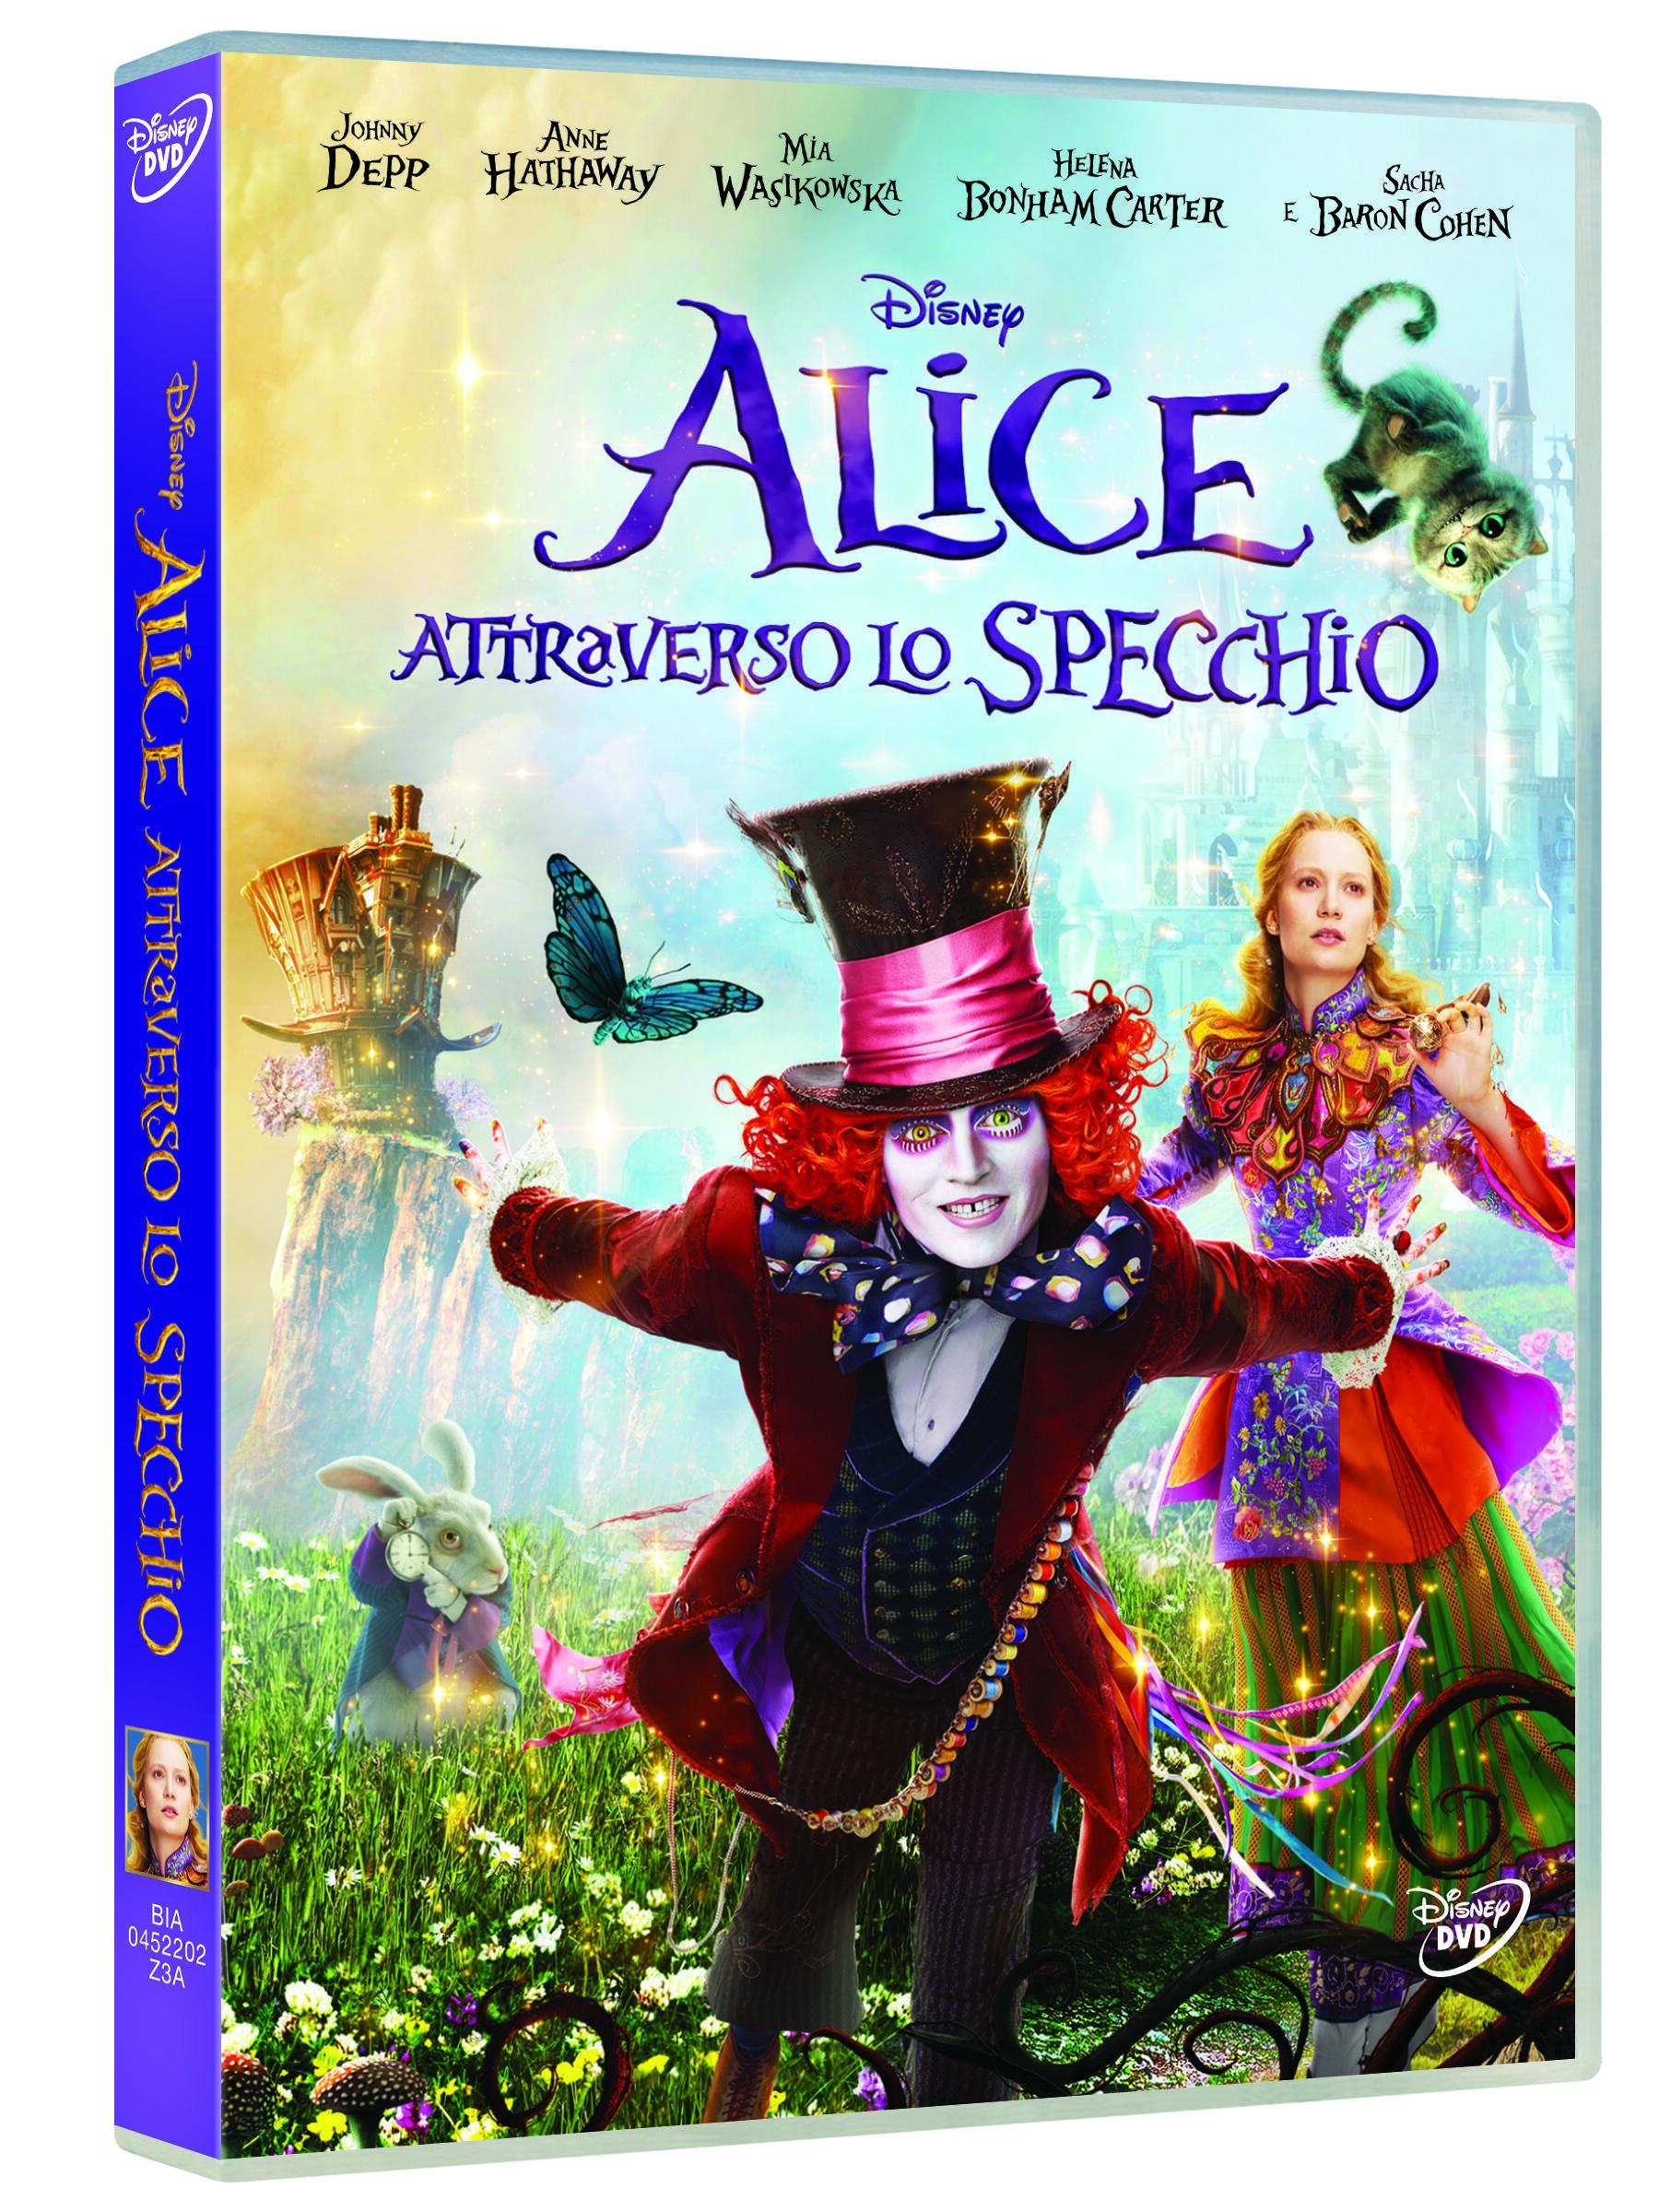 Alice attraverso lo specchio dvd film dvd film di james bobin fantastico ibs - Lo specchio film ...